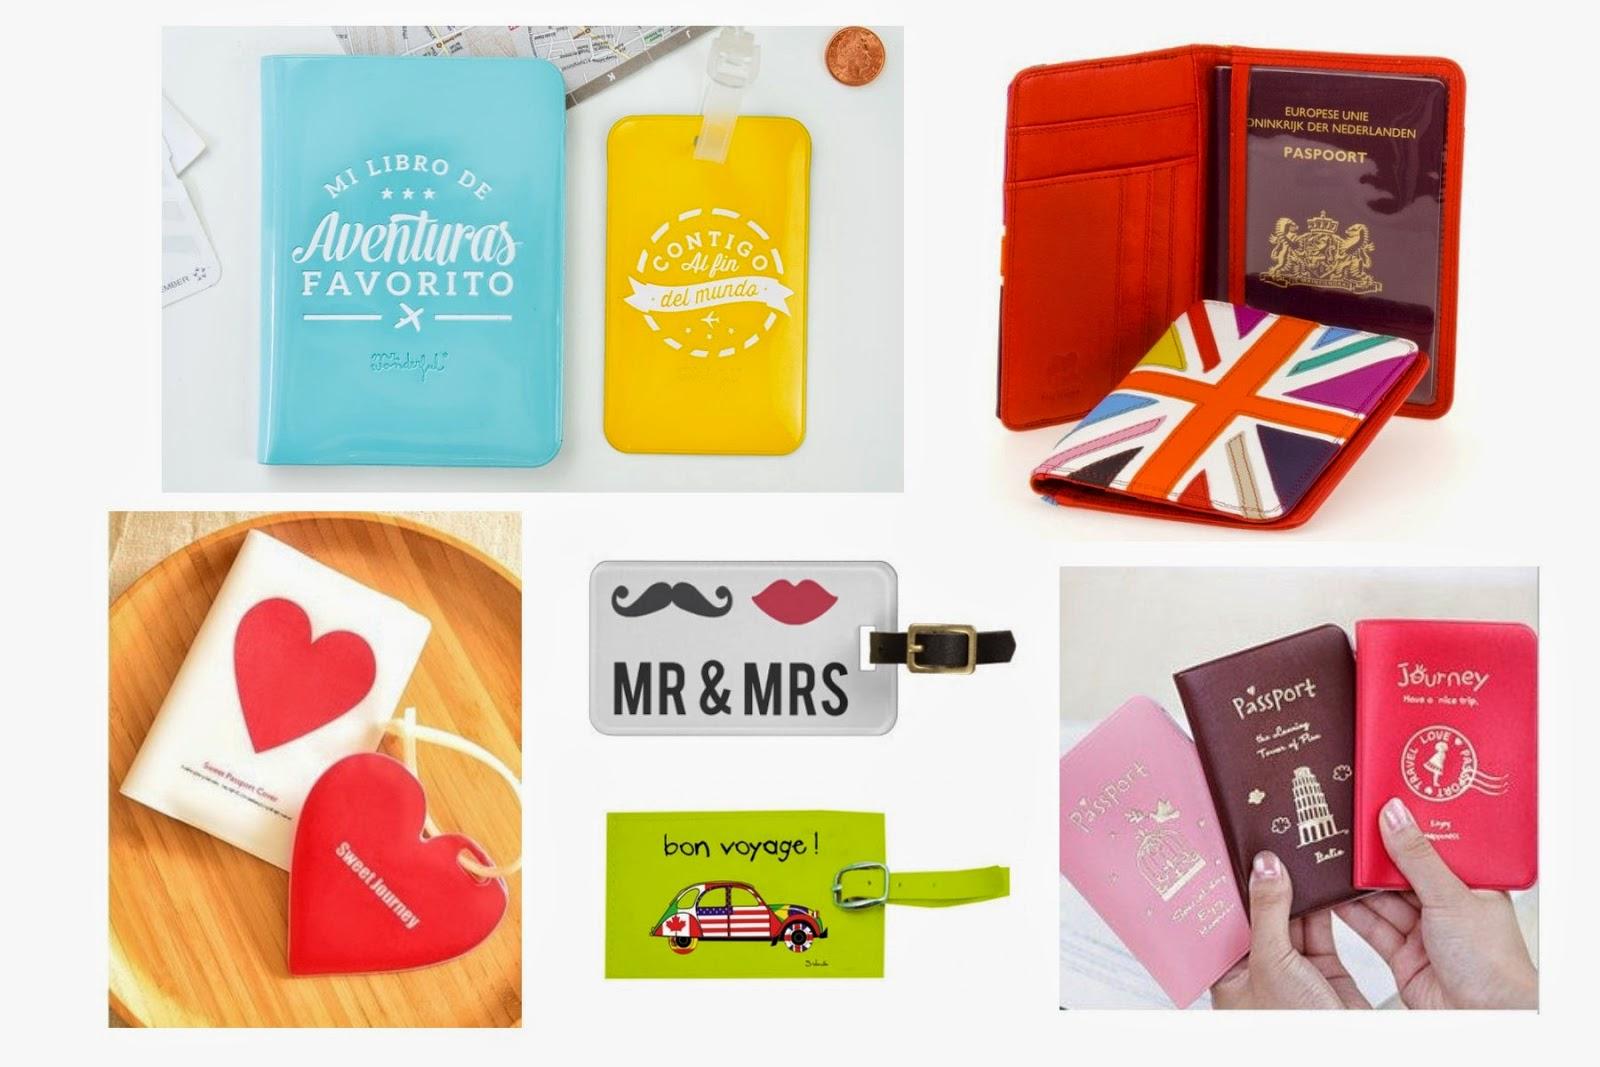 Regalos para viajeros: etiqueta para maleta y funda para pasaporte